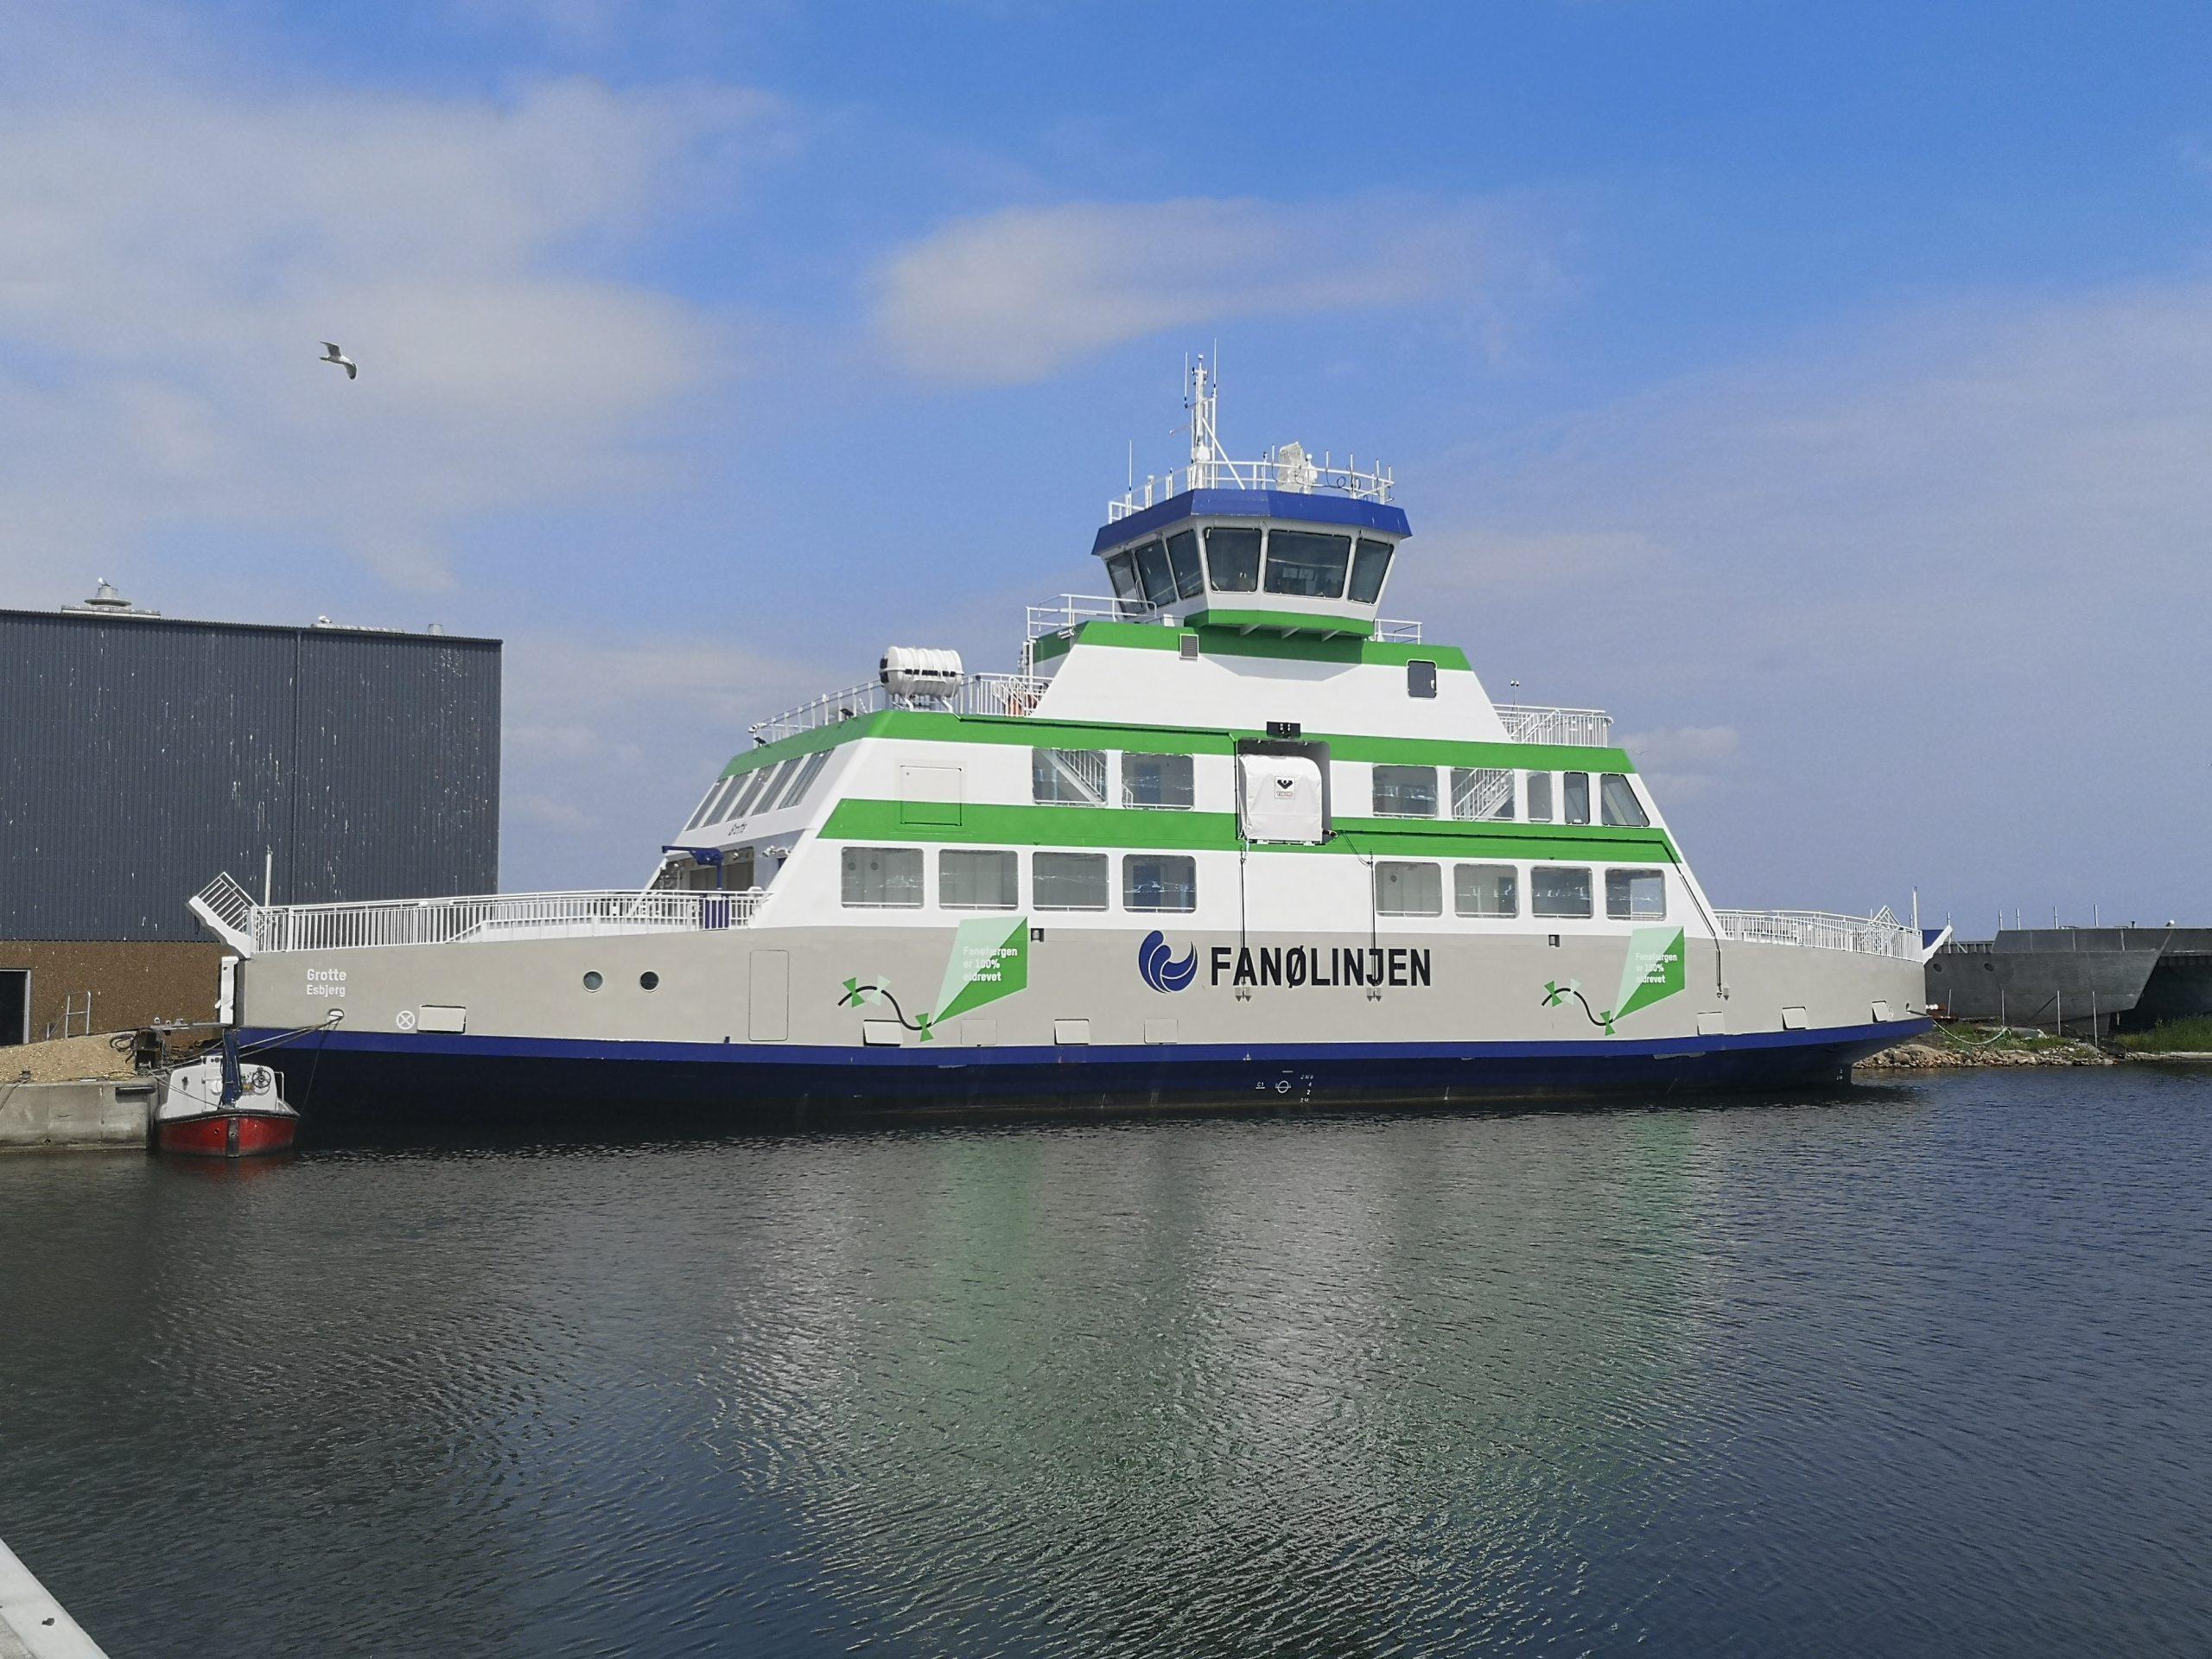 Fanølinjen, en af de ni danske færgeruter ejet af Molslinjen, fik forleden ny elfærge, Grotte, der skal sejle mellem Esbjerg og Fanø. PR-foto: Molslinjen.